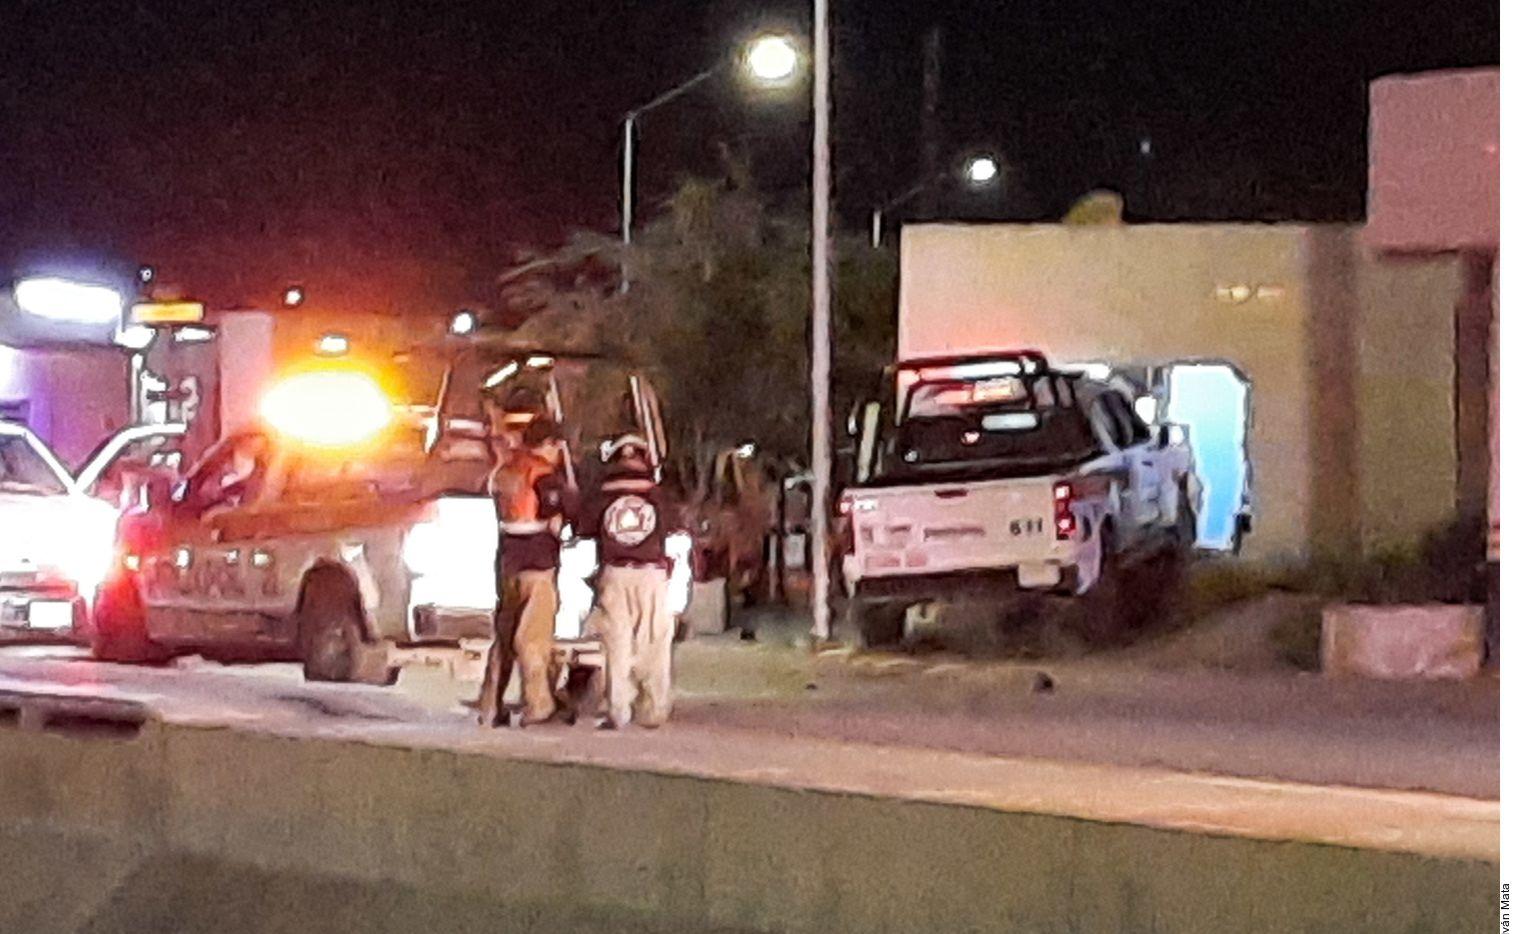 Una patrulla se impactó contra una casa en Escobedo, Nuevo León, y mató a dos personas, incluida una niña de 3 años de edad.